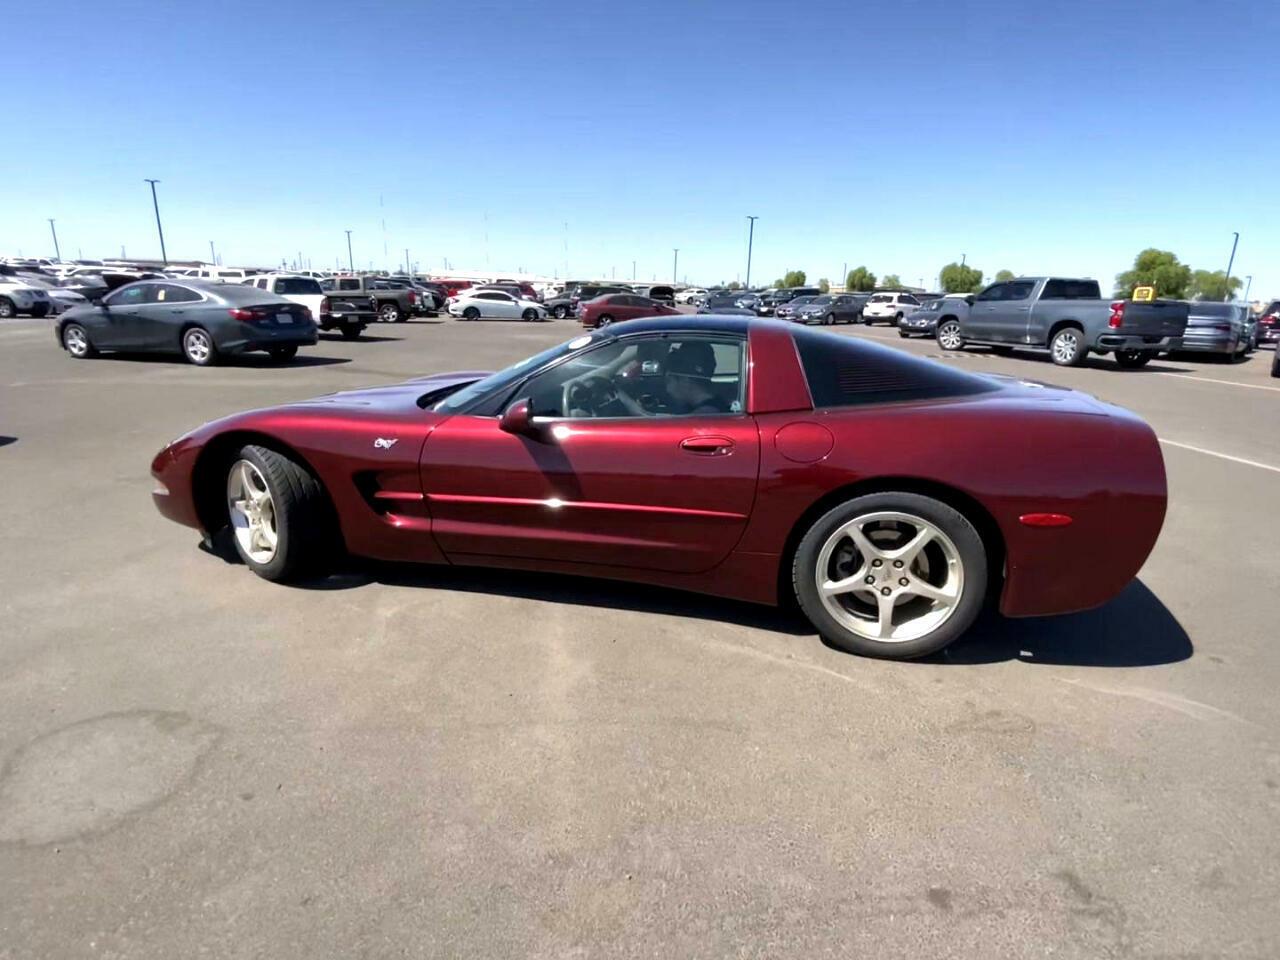 2003 Burgundy Chevrolet Corvette     C5 Corvette Photo 3